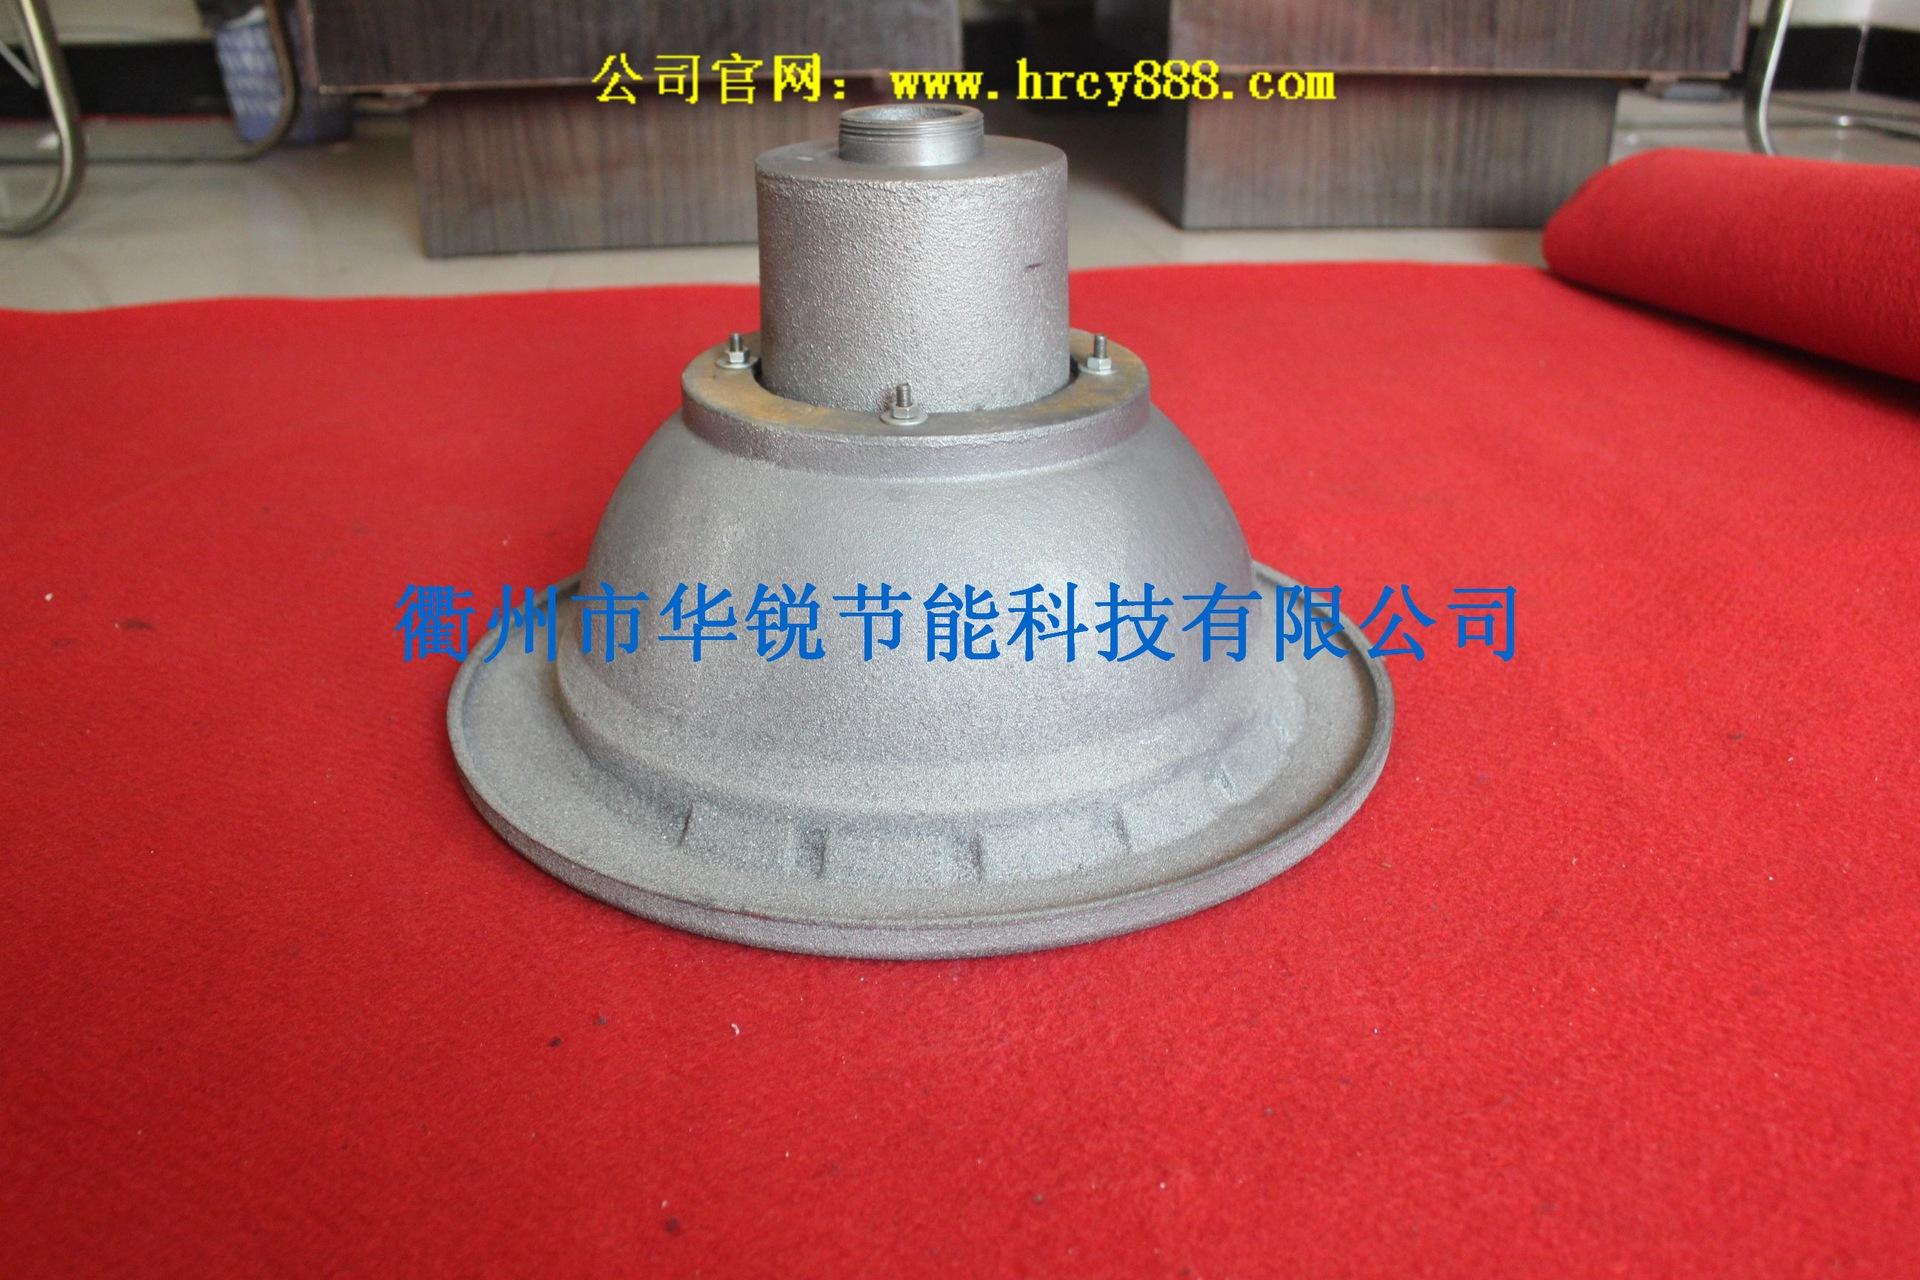 低價推廣各種規格生物油爐頭衢州華銳節能爐頭醇油爐頭